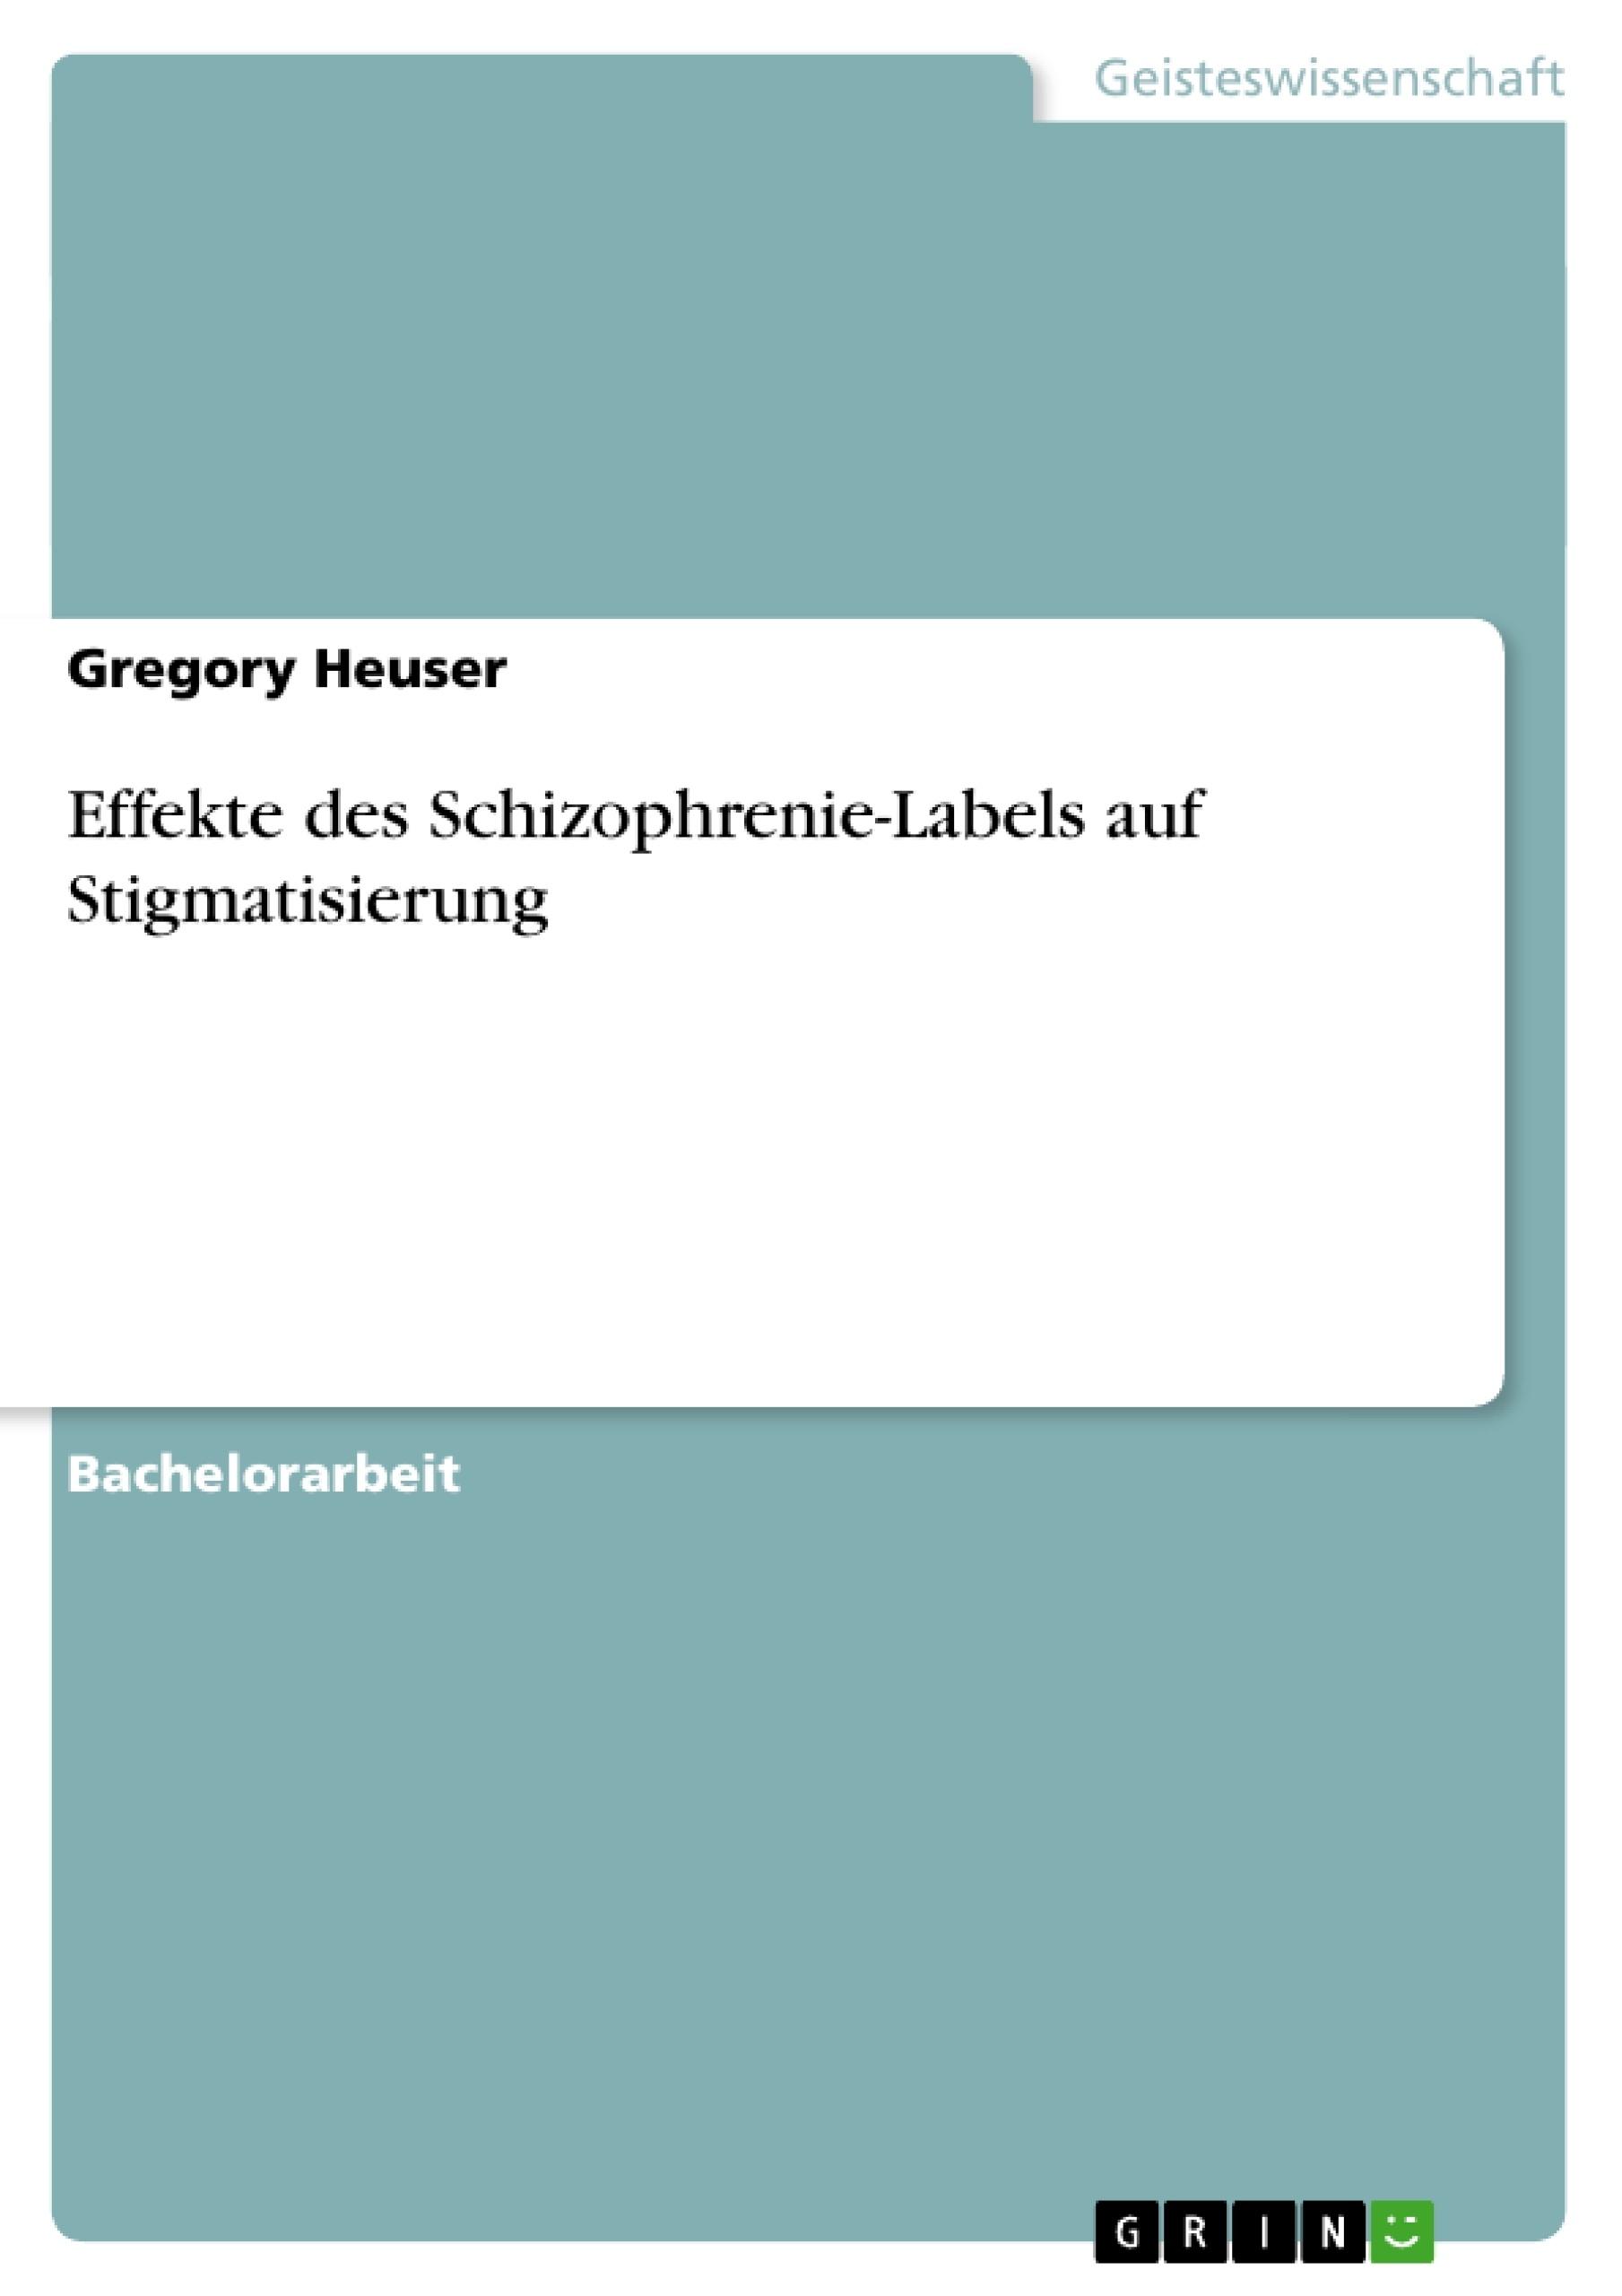 Titel: Effekte des Schizophrenie-Labels auf Stigmatisierung